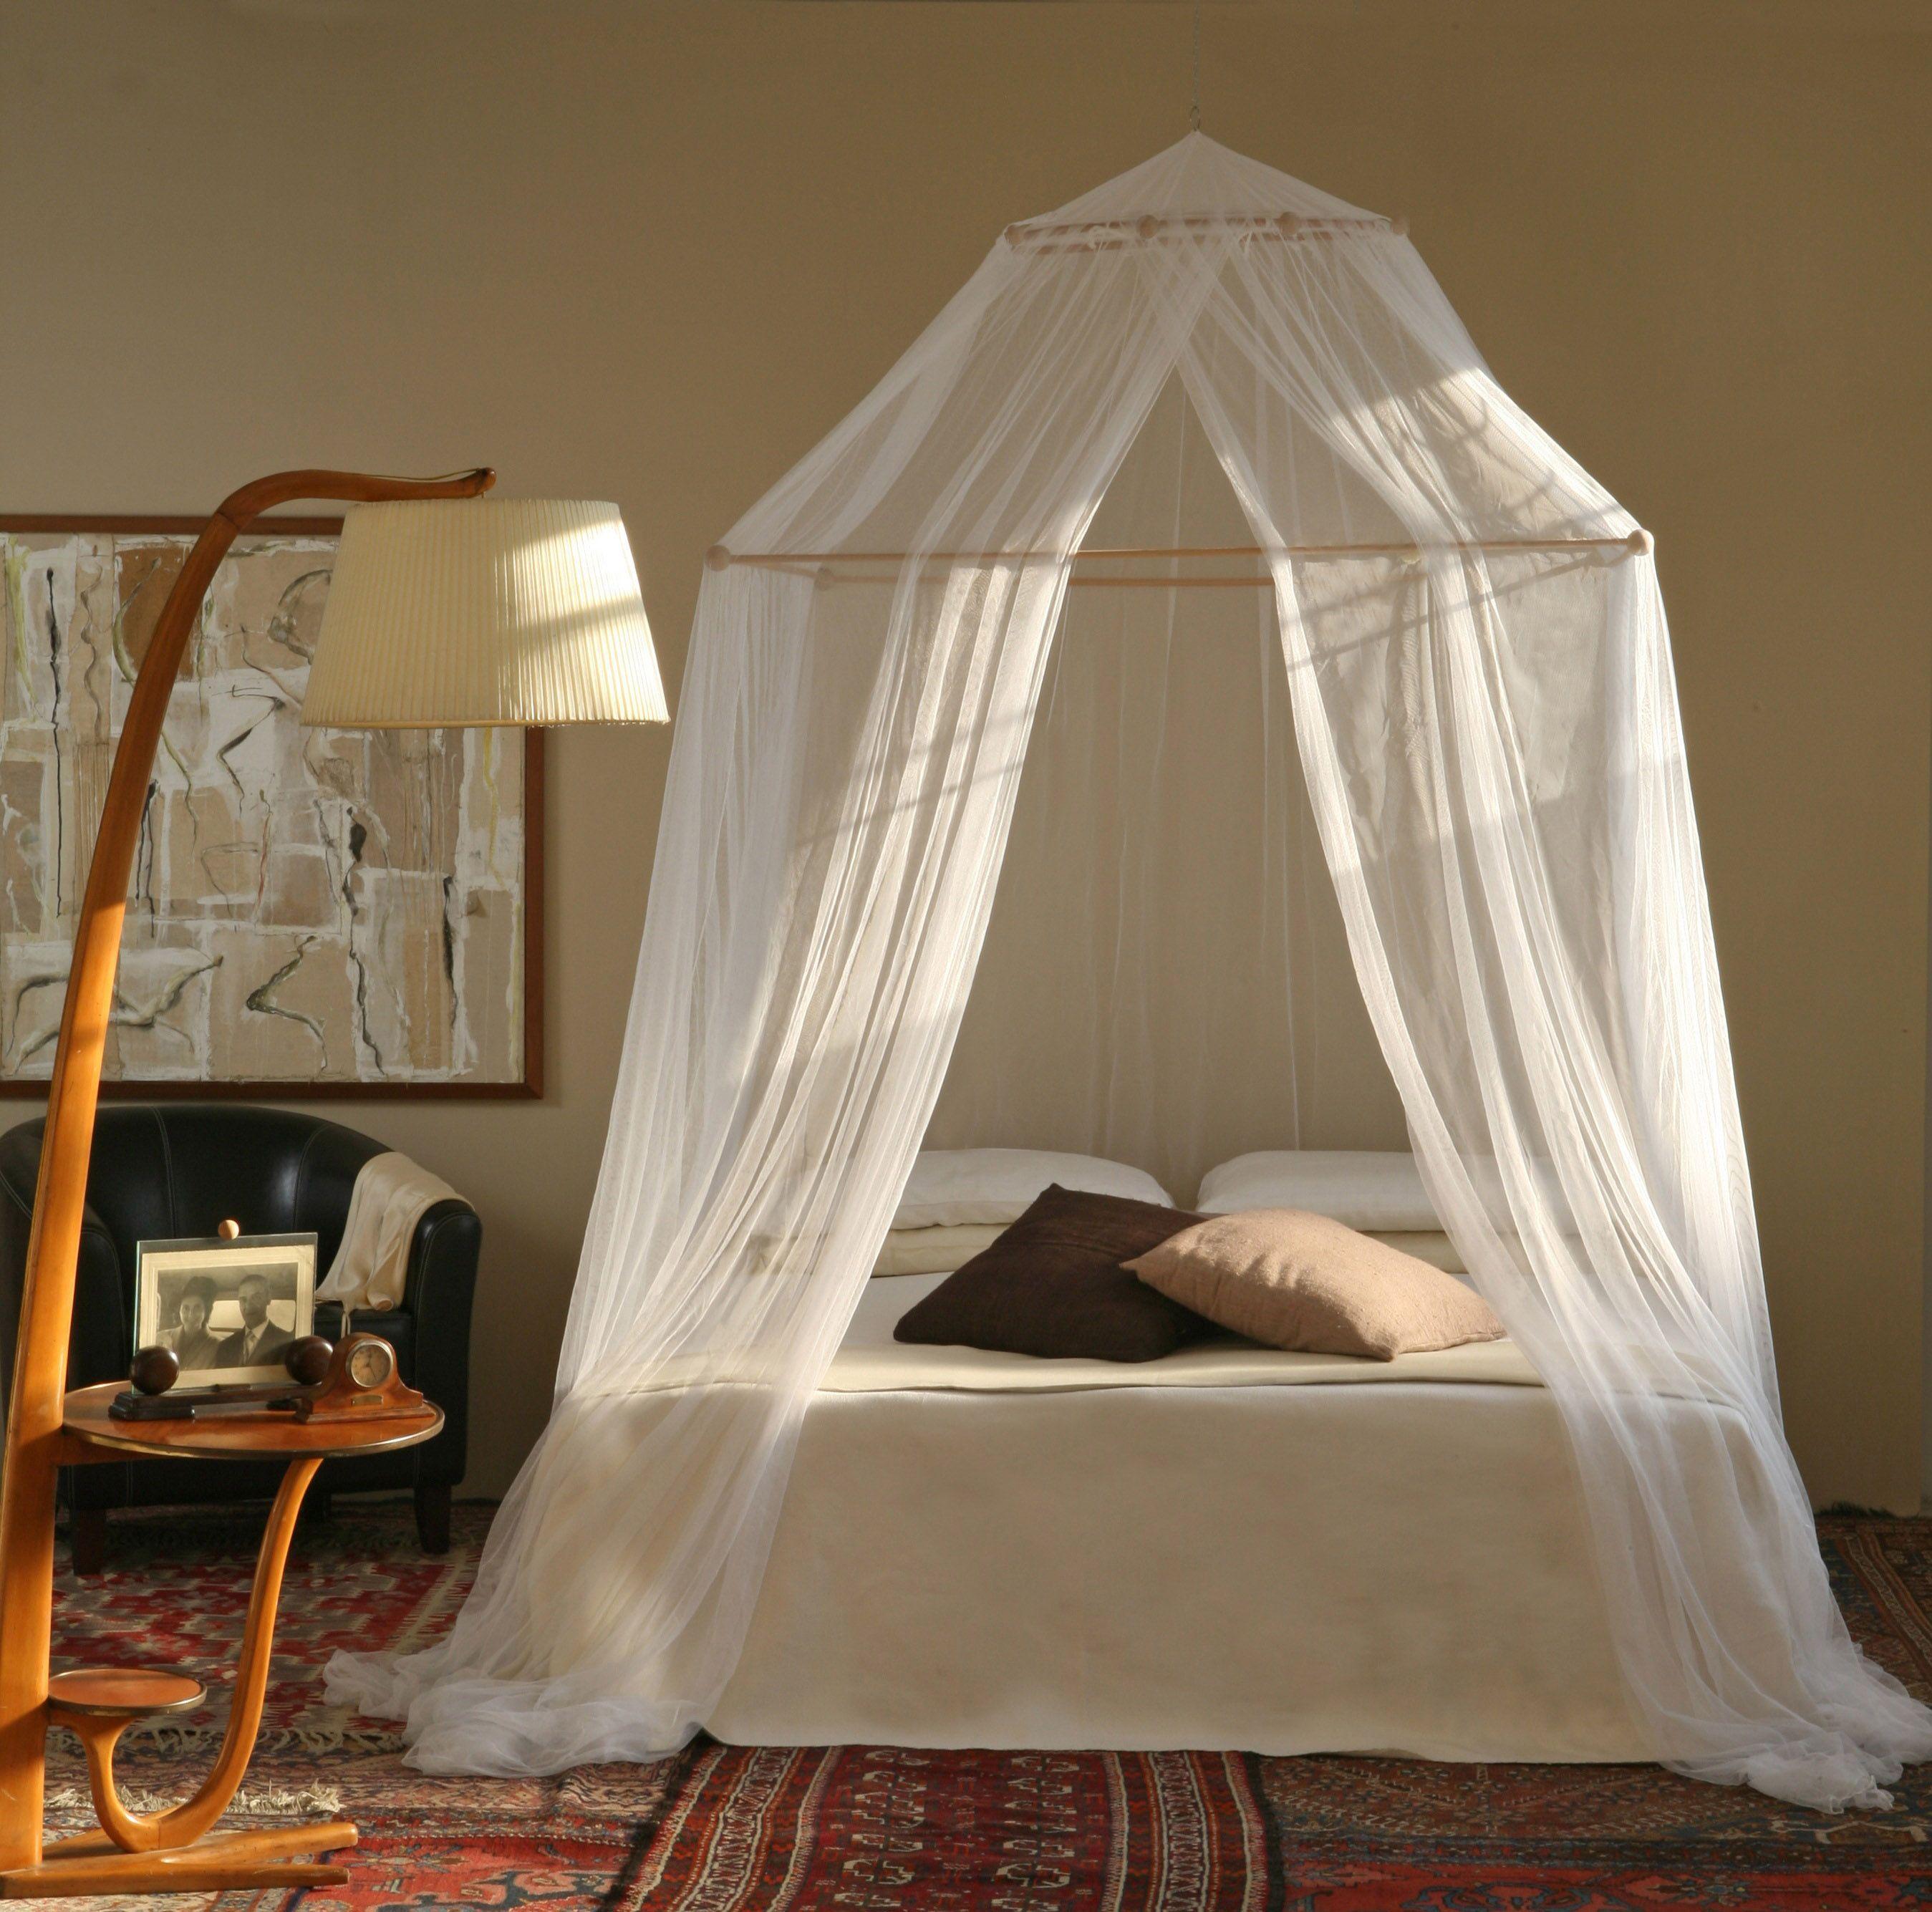 Tina zanzariera a doppio telaio per letto da una piazza - Zanzariere da letto ...